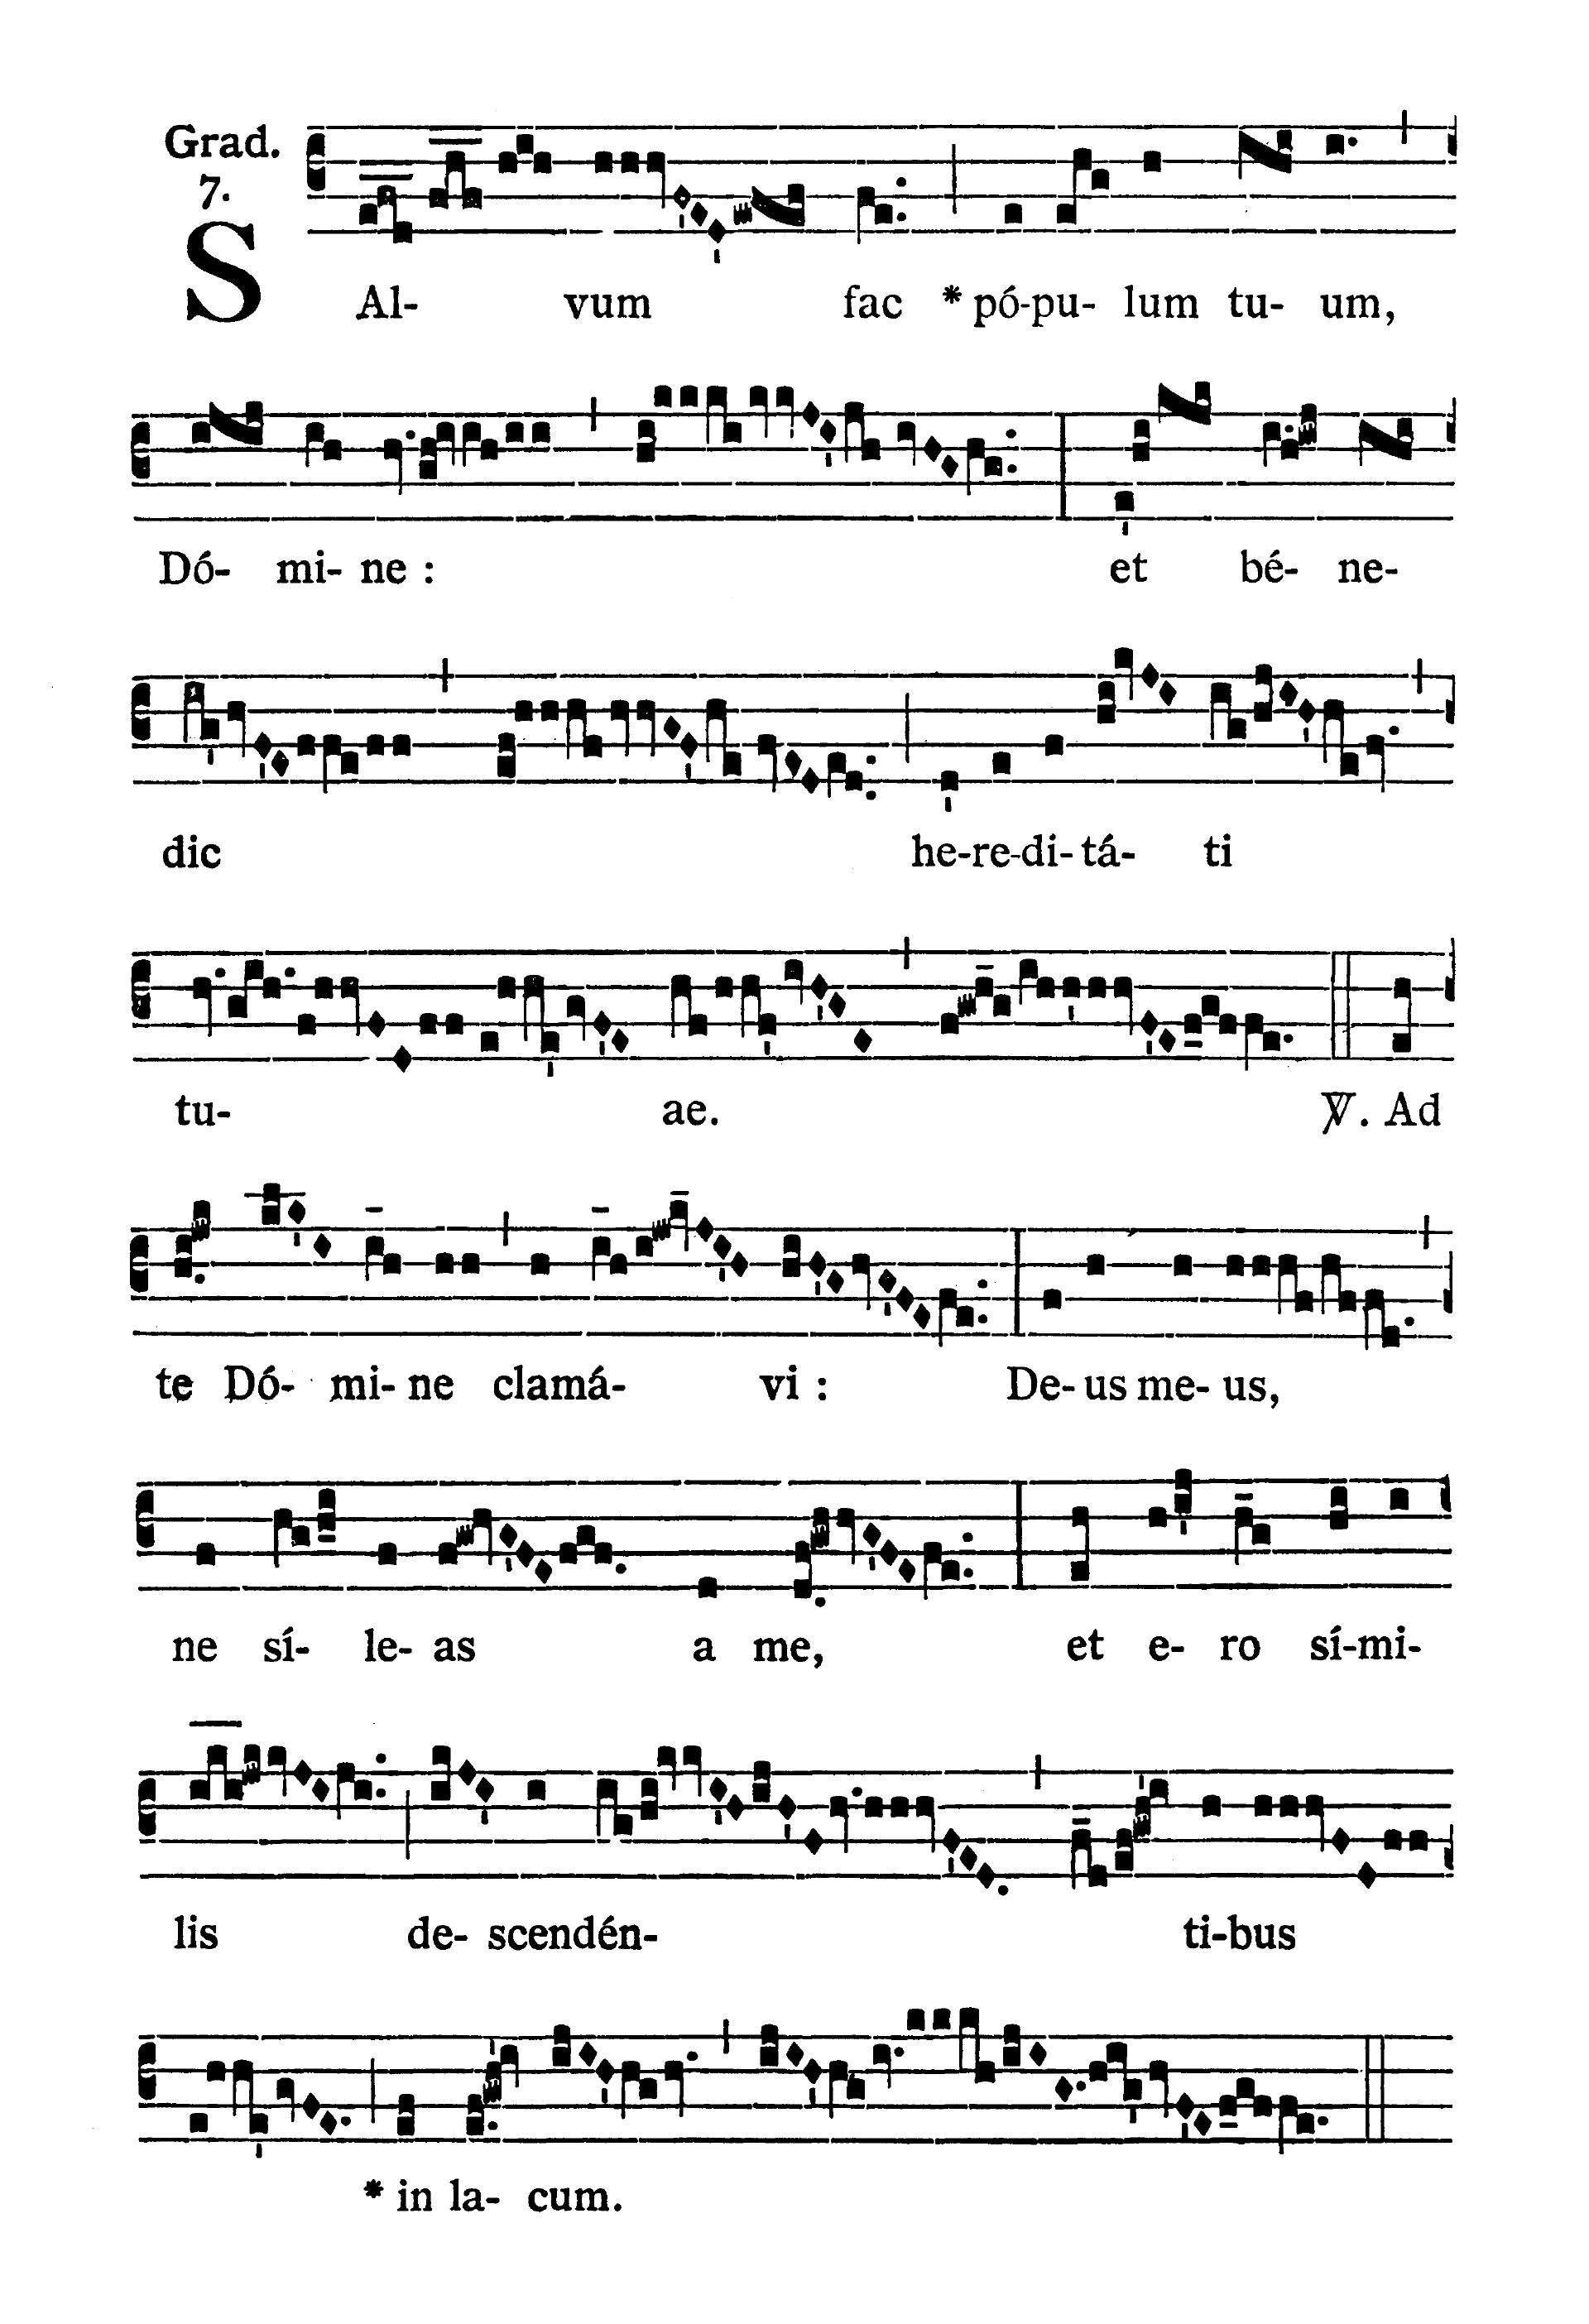 Feria IV post Dominicam II Quadragesimae (Środa po II Niedzieli Wielkiego Postu) - Graduale (Salvum fac)